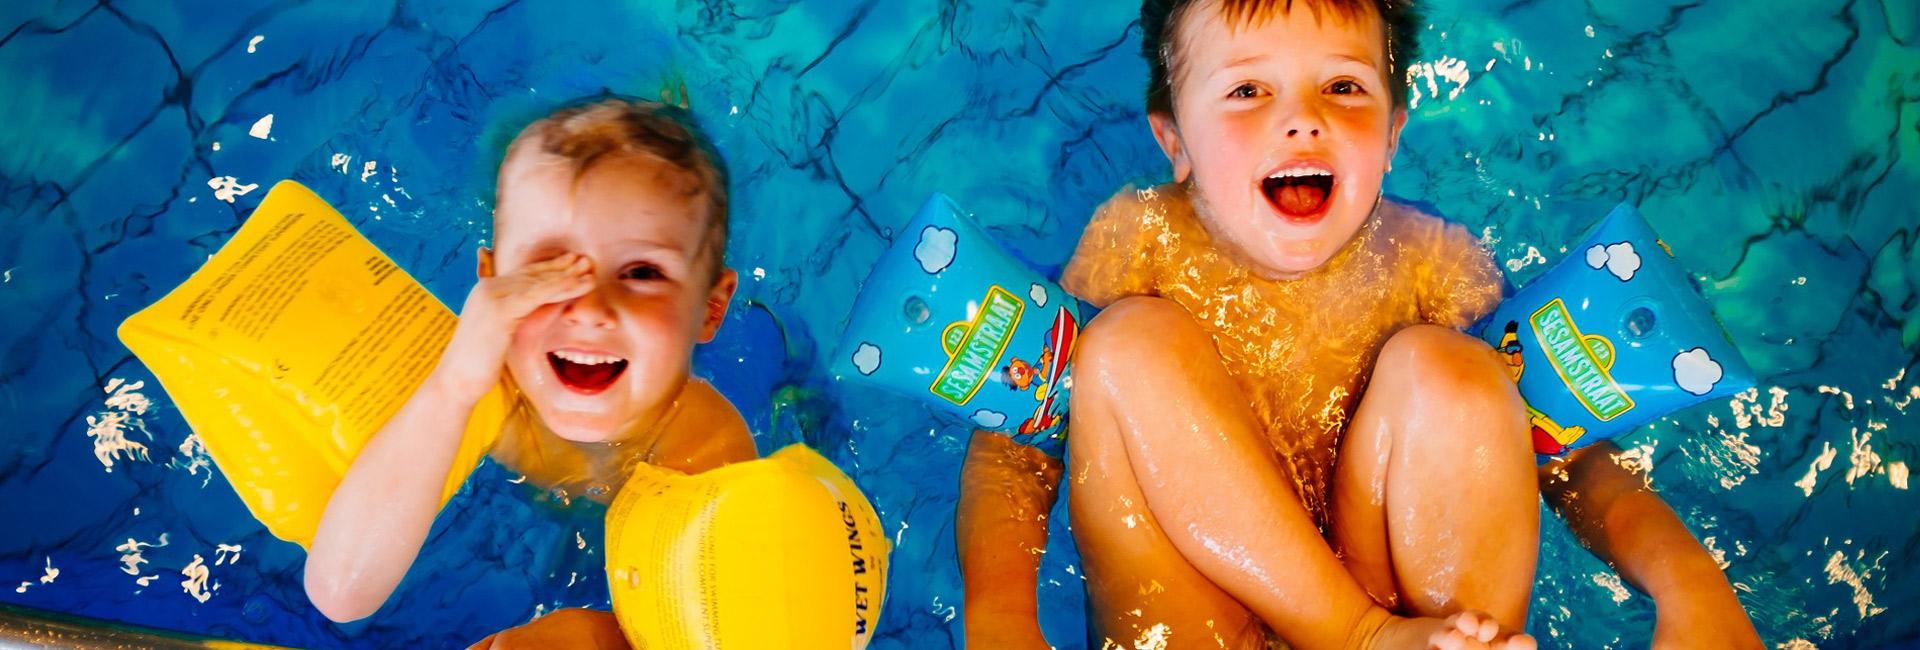 inground-swimming-pool-kids-fun